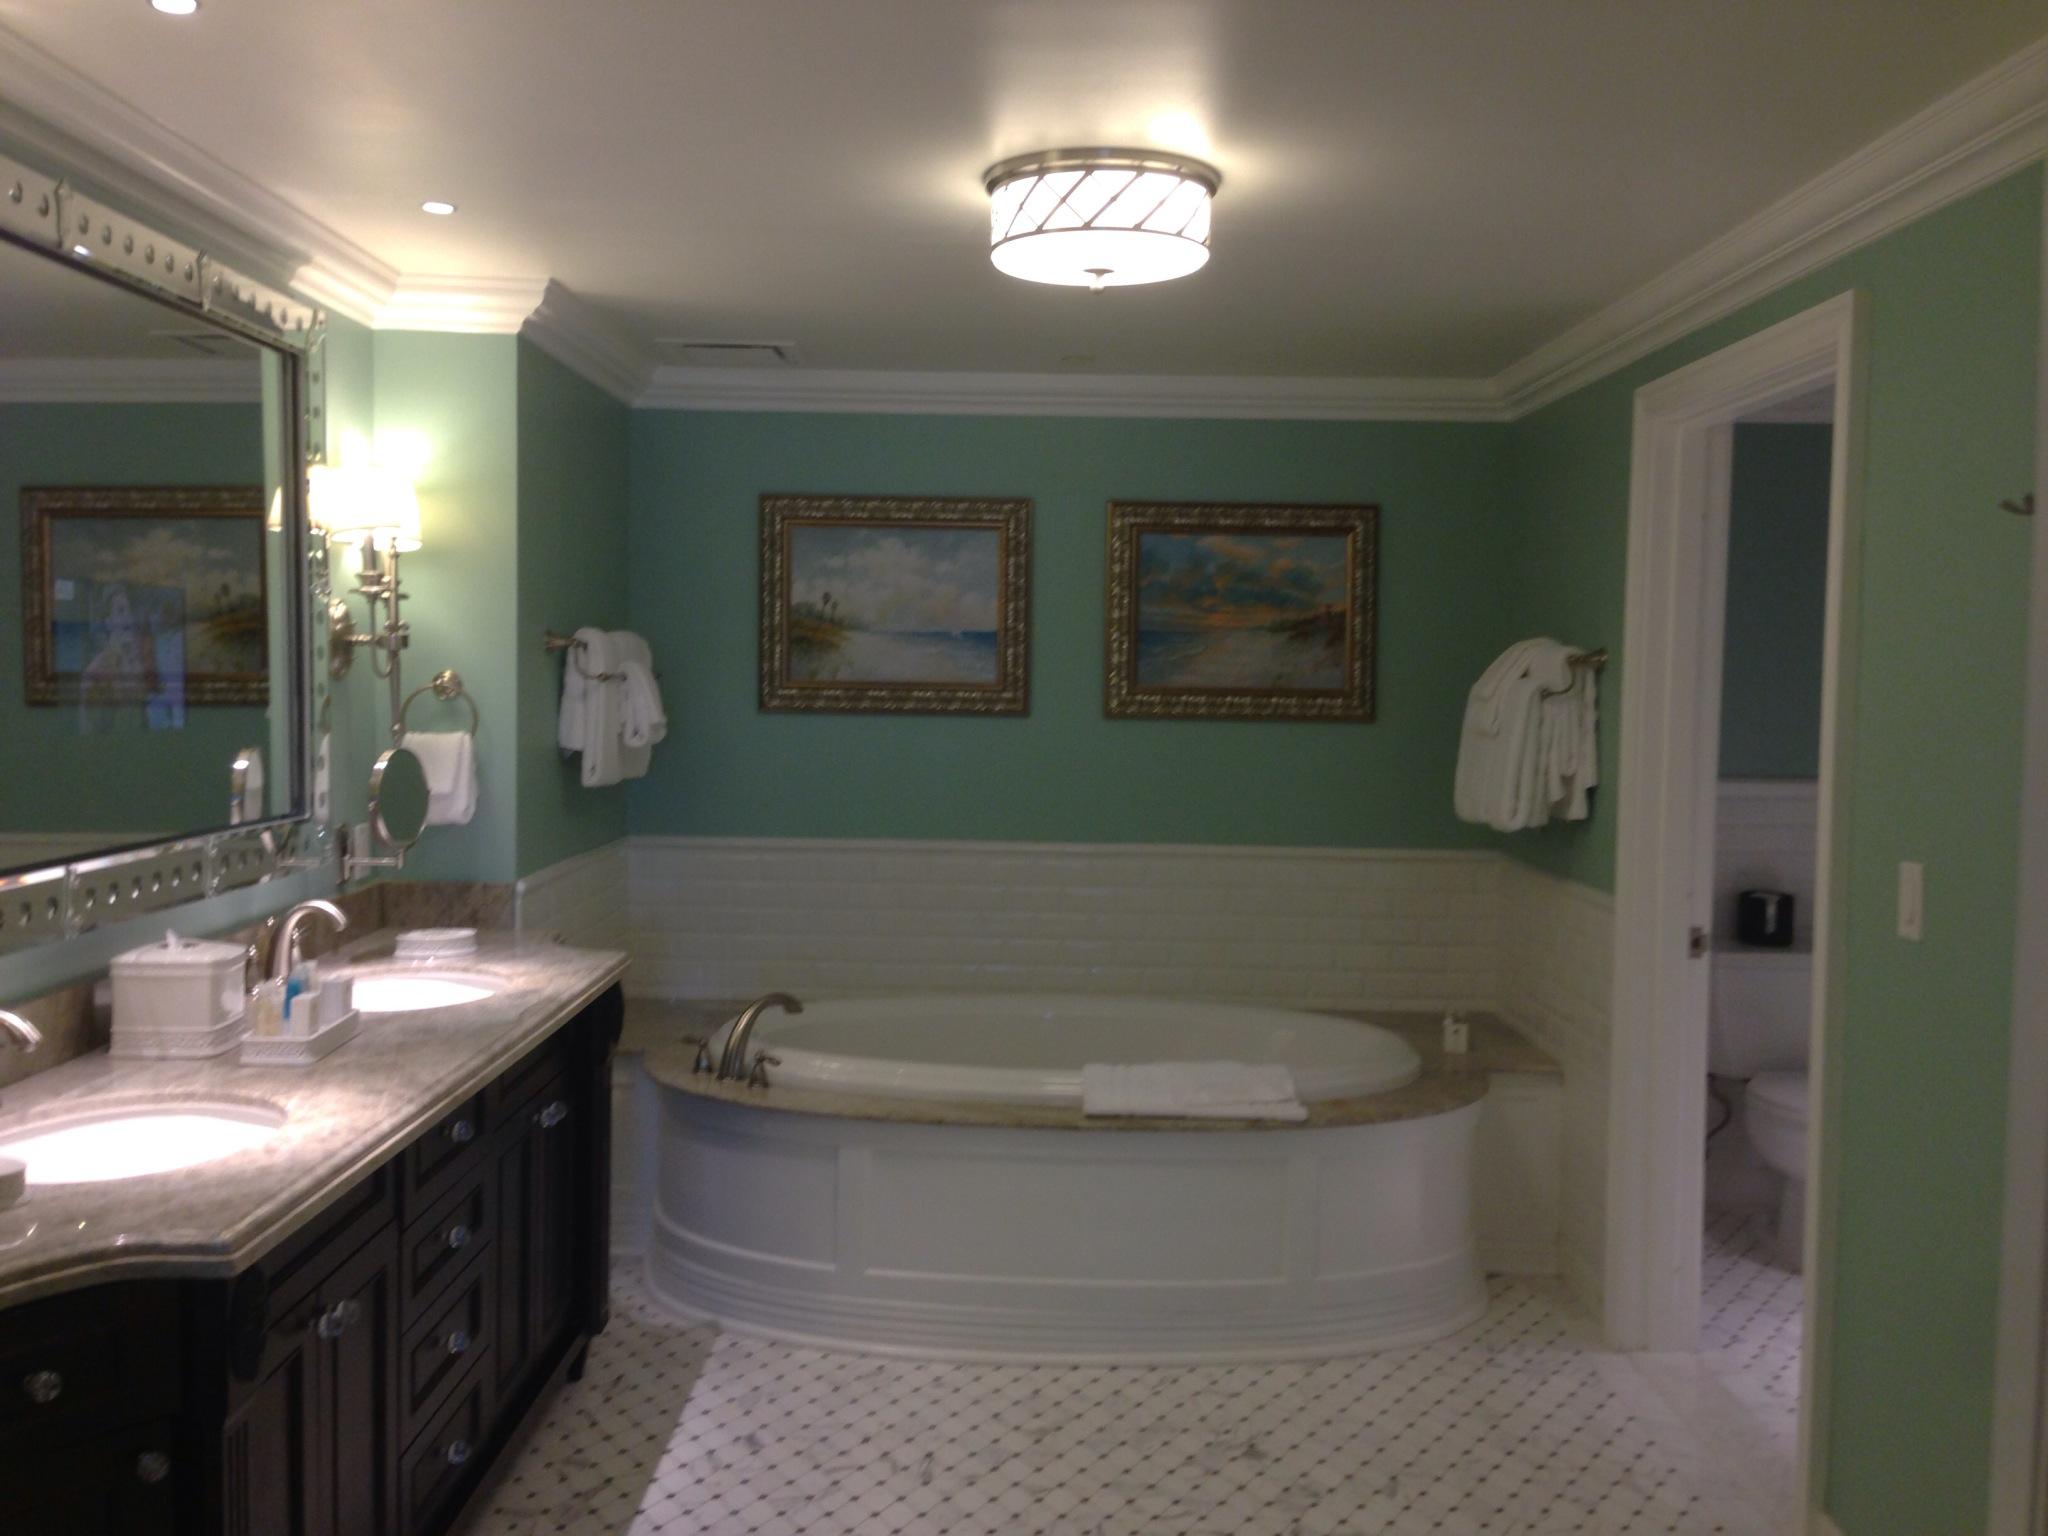 Grand Villa room 1401 Villas at Disneys Grand Floridian Resort